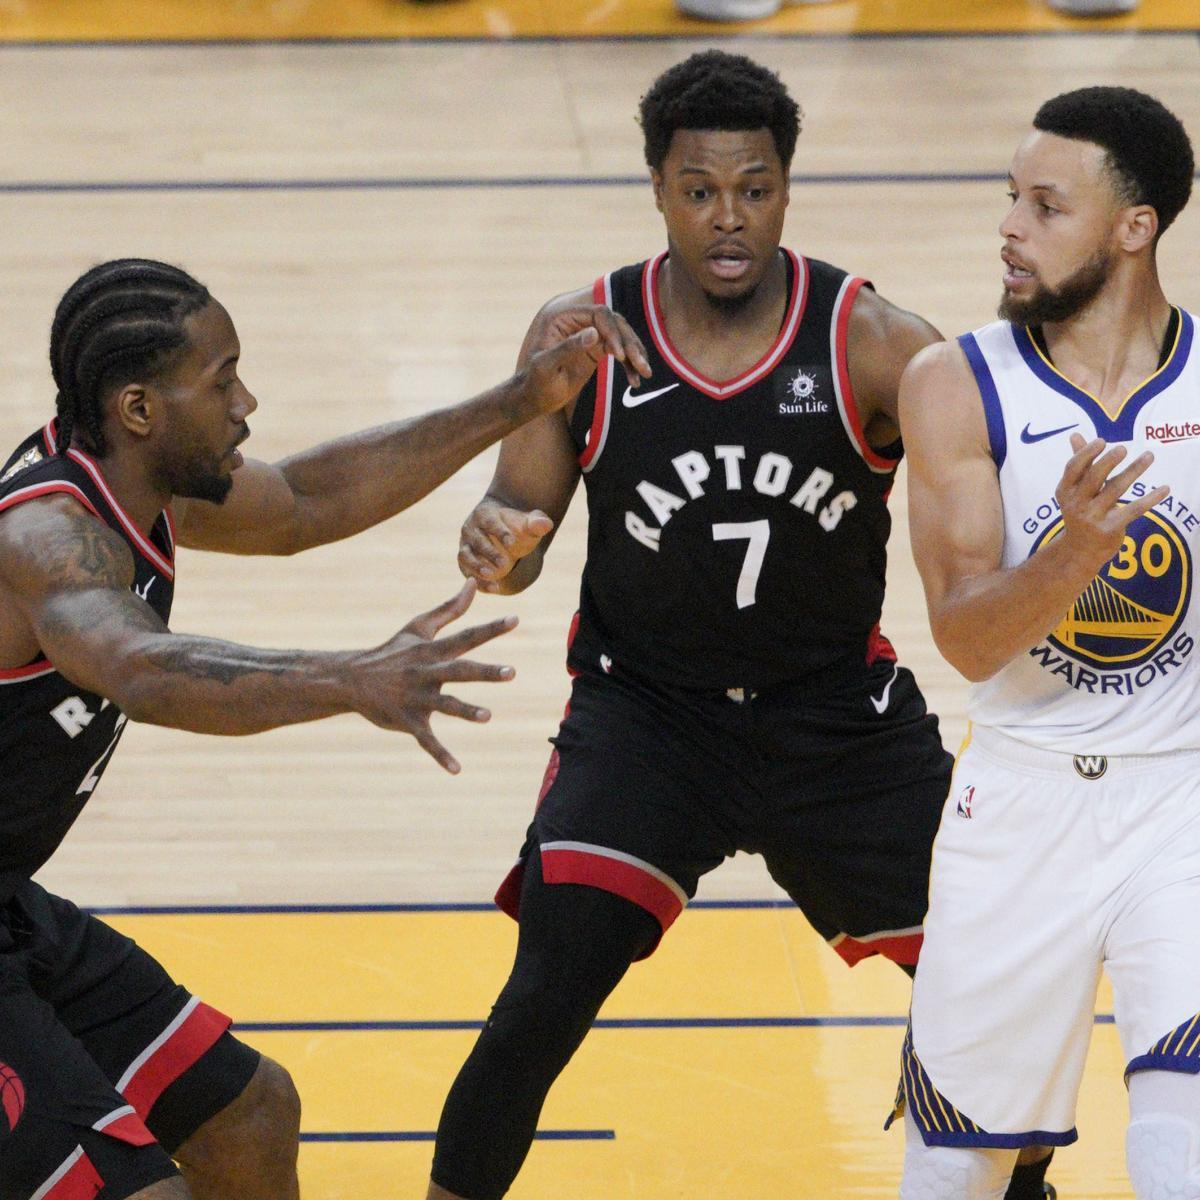 Warriors Game Broadcast Tv: NBA Finals 2019: Raptors Vs. Warriors Game 4 TV Schedule